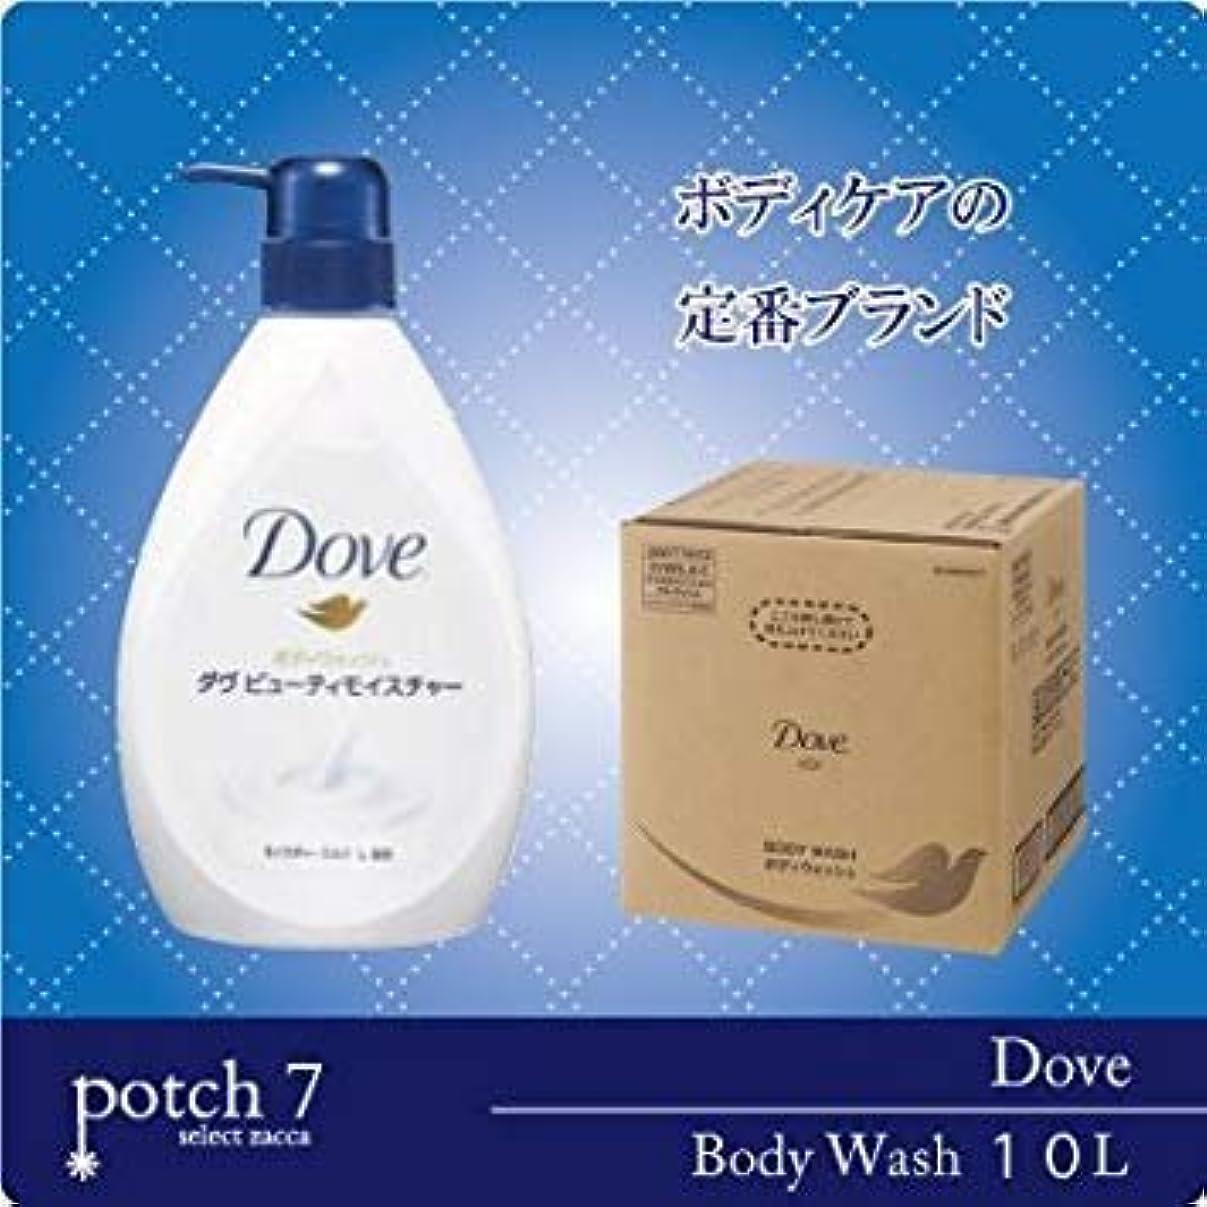 タブレット効能ある請求書Unilever ユニリーバ Dove ダヴ 10L ボディソープ 詰替え 空容器520g×1本付